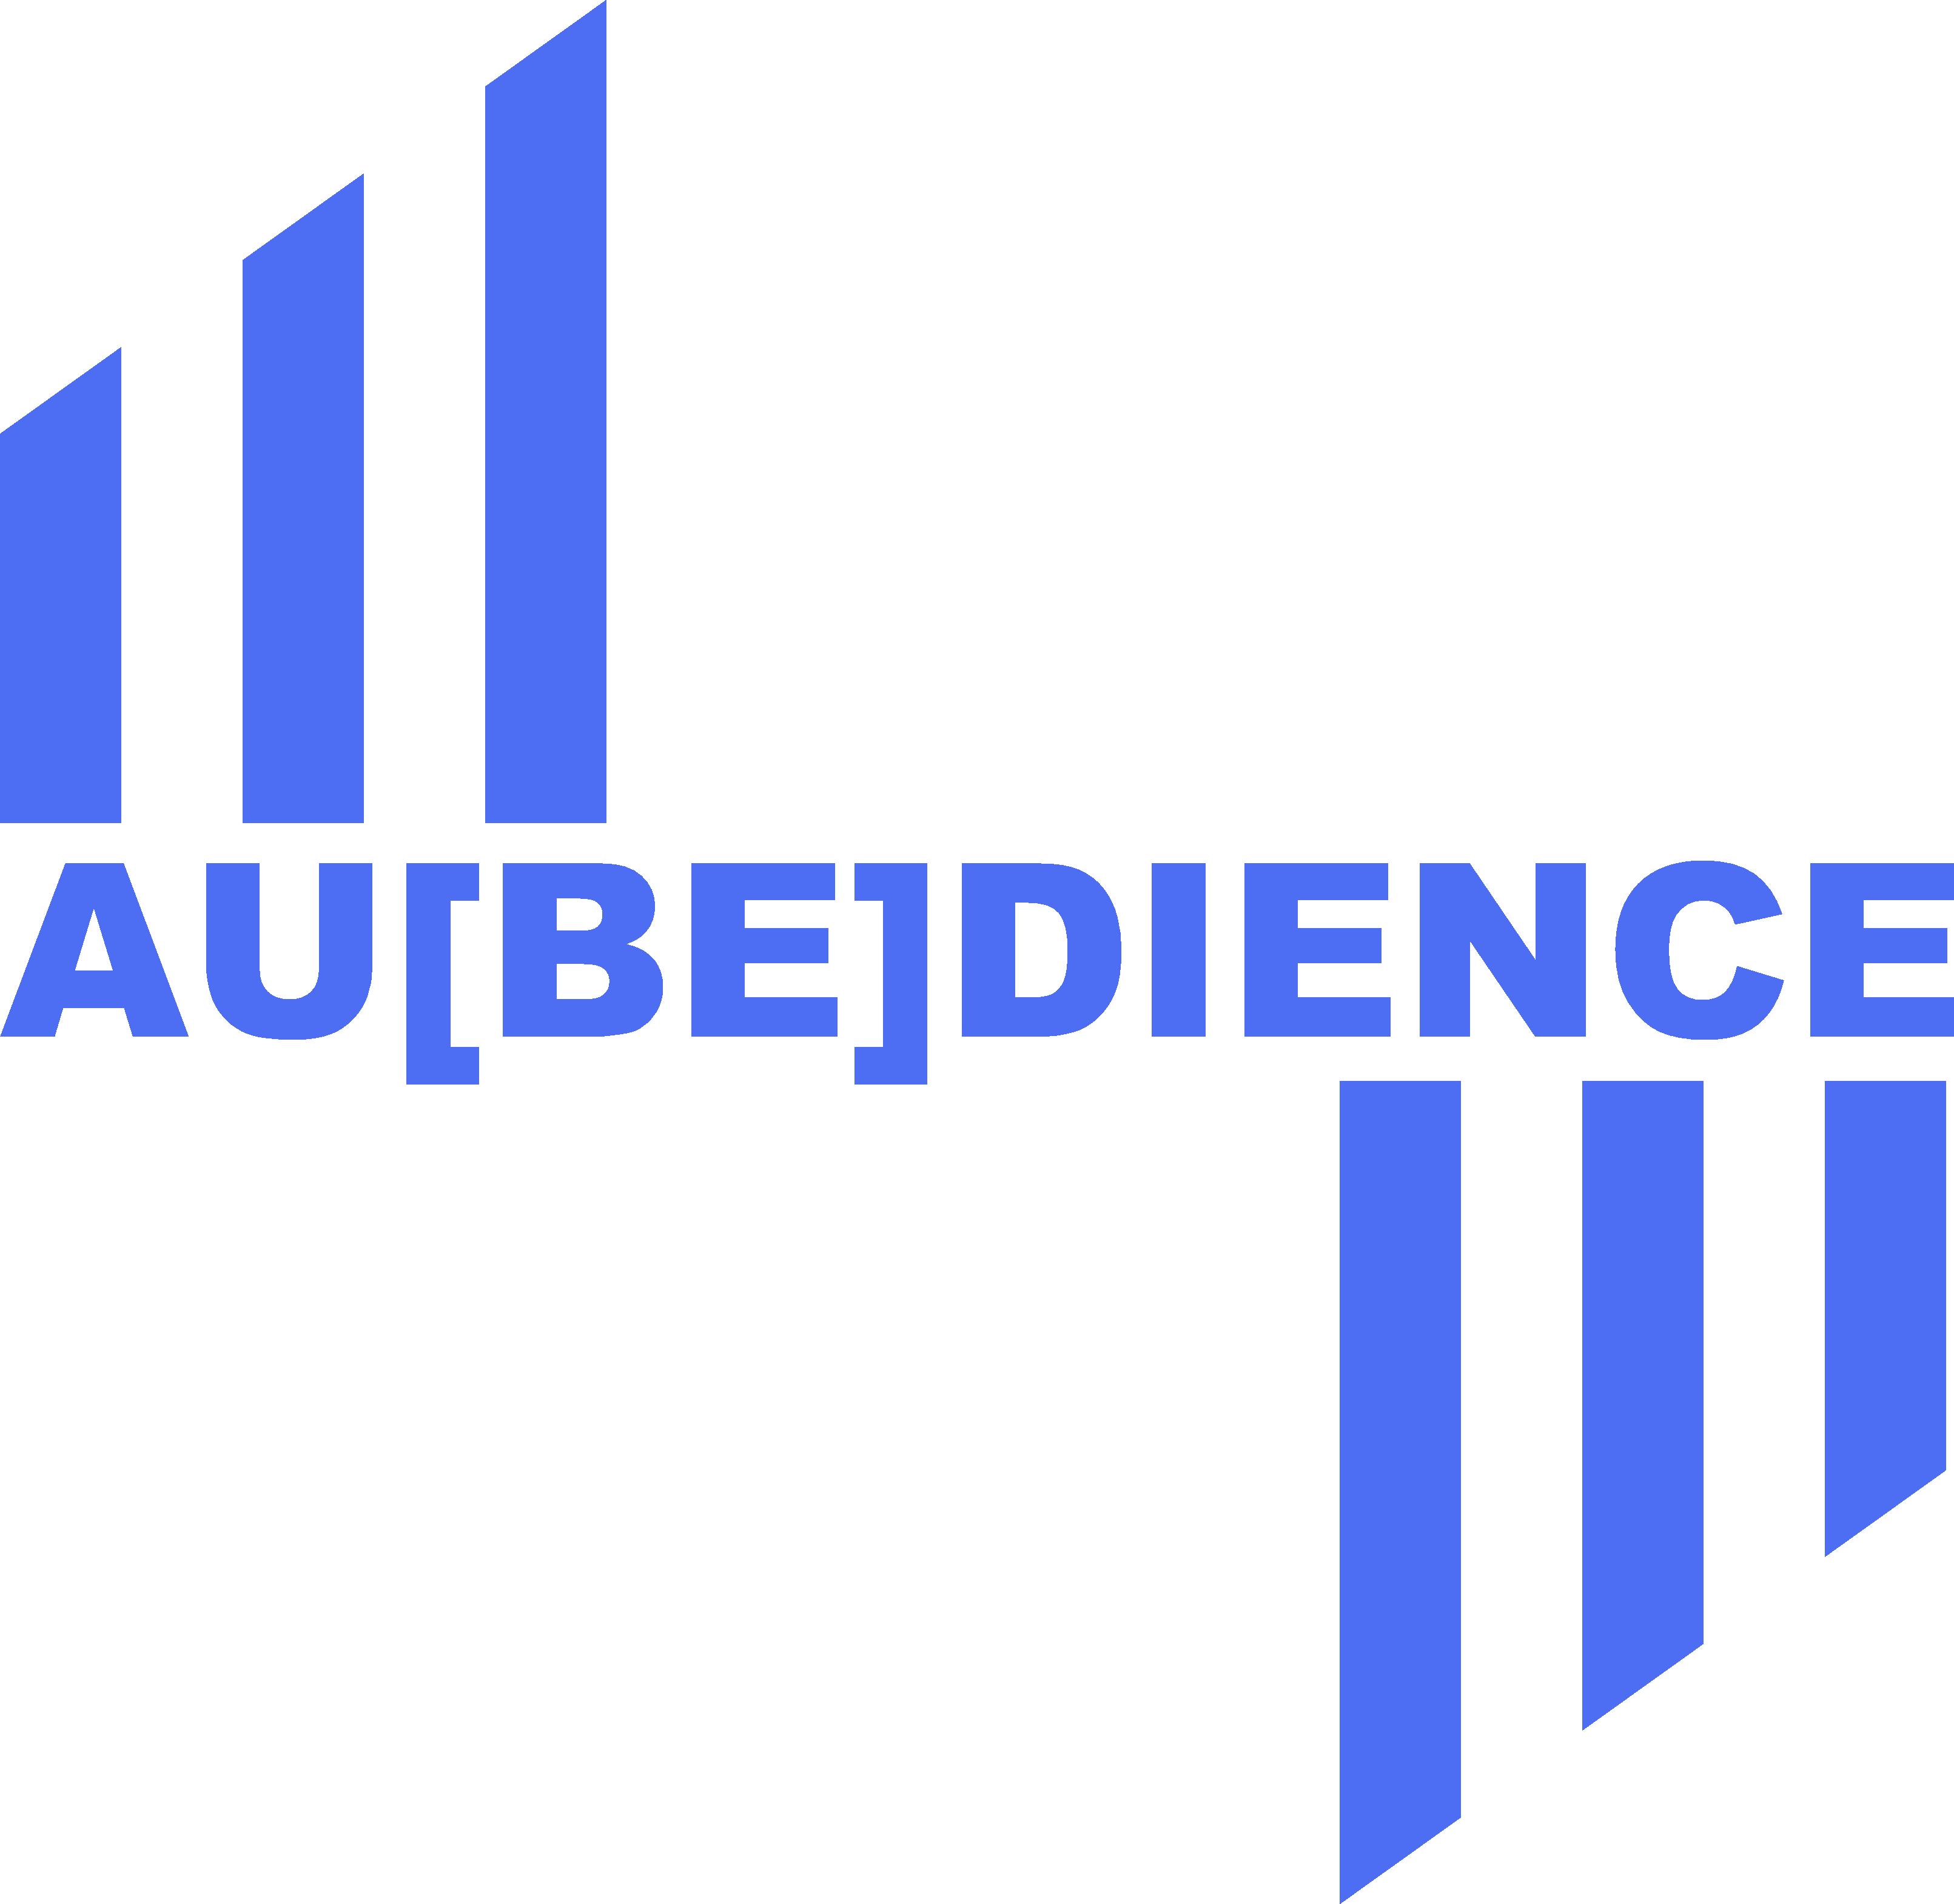 Aubedience